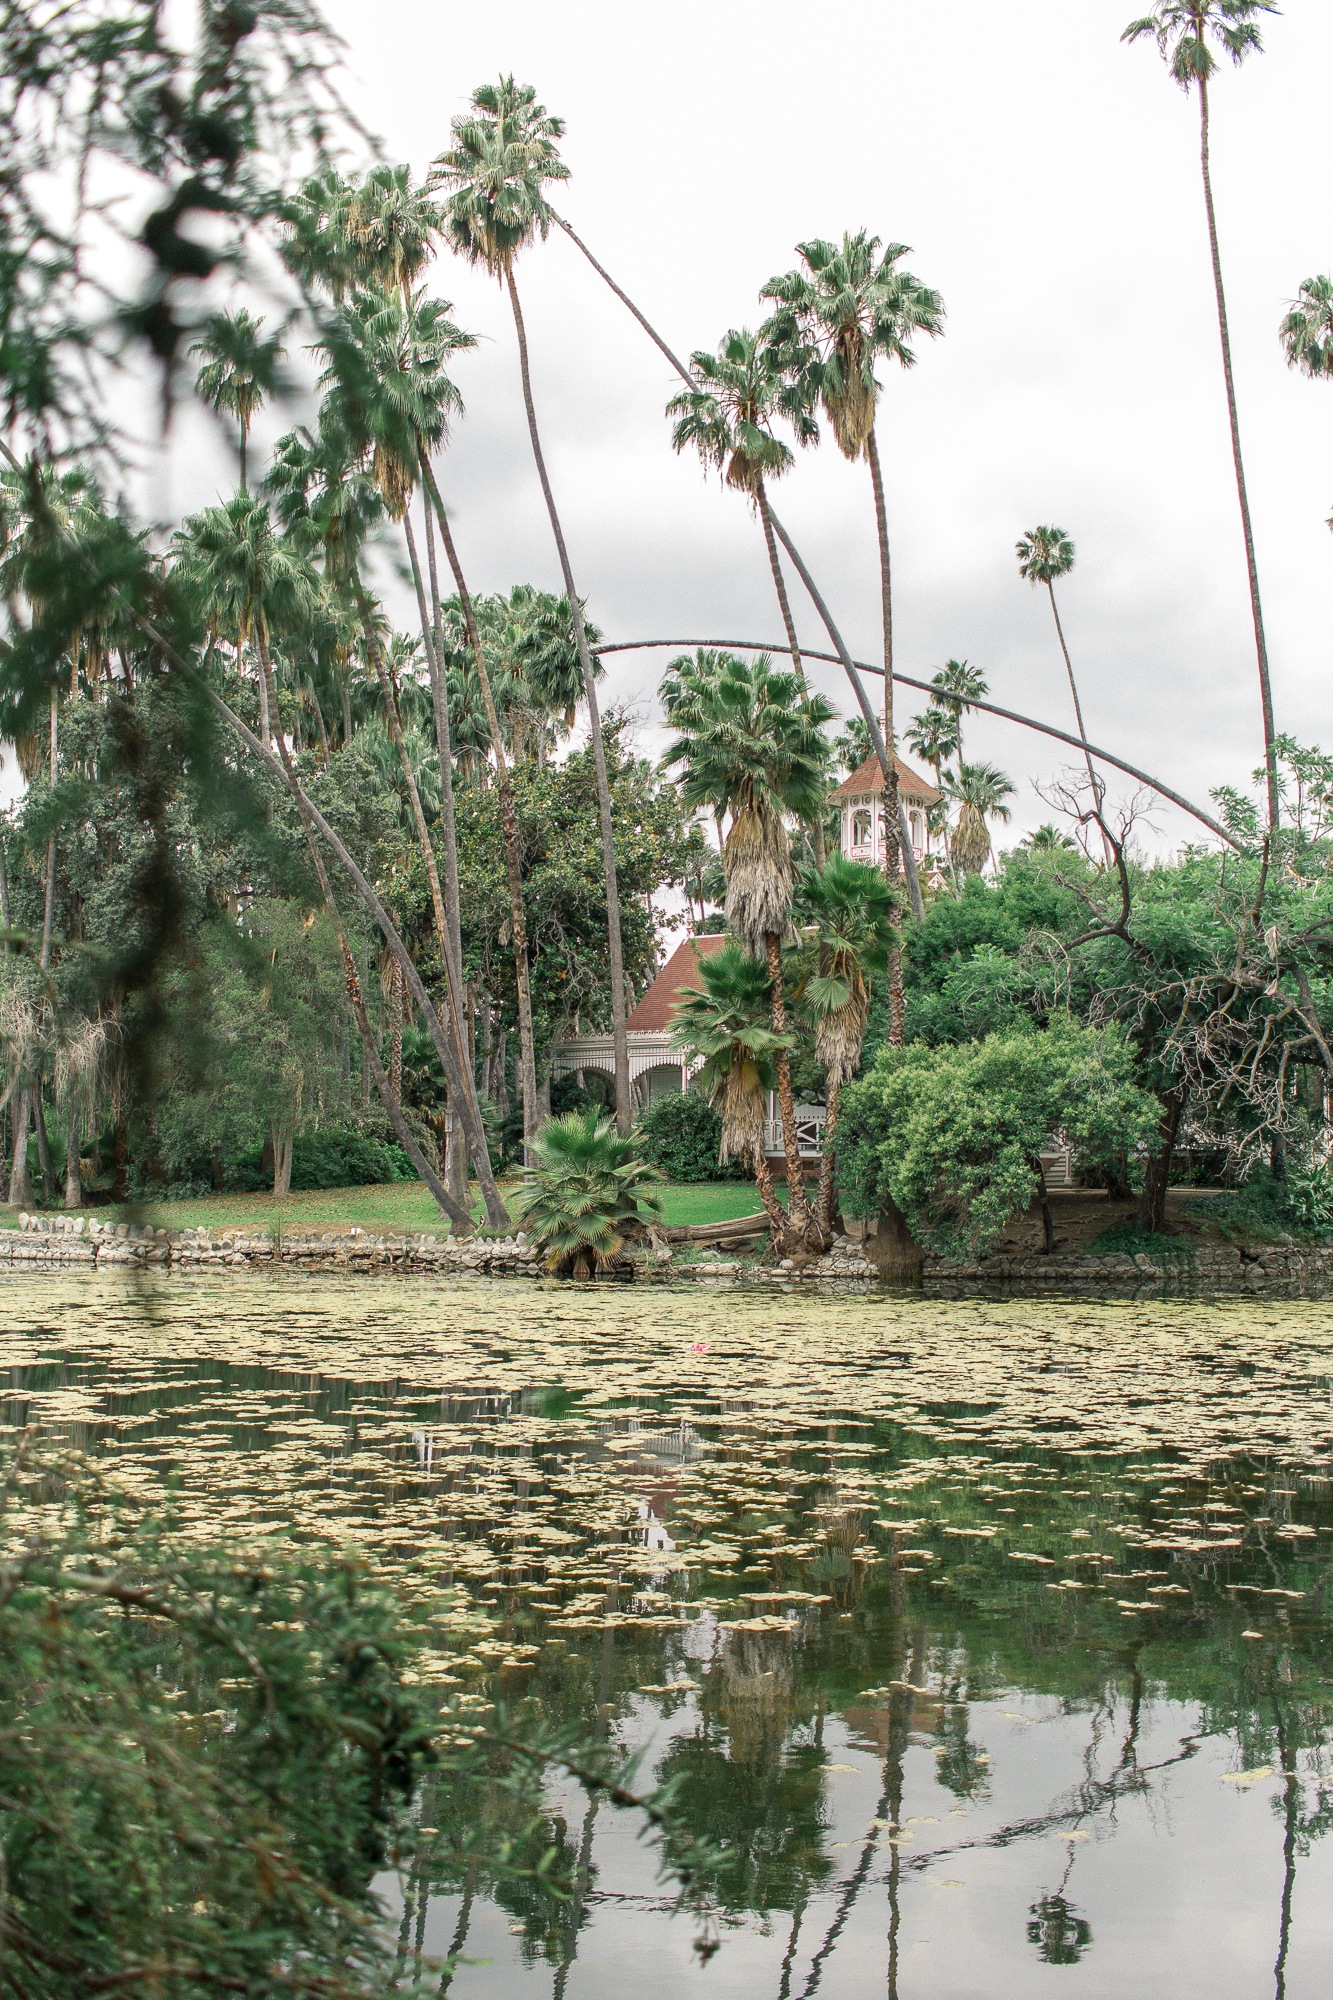 la arboretum 11